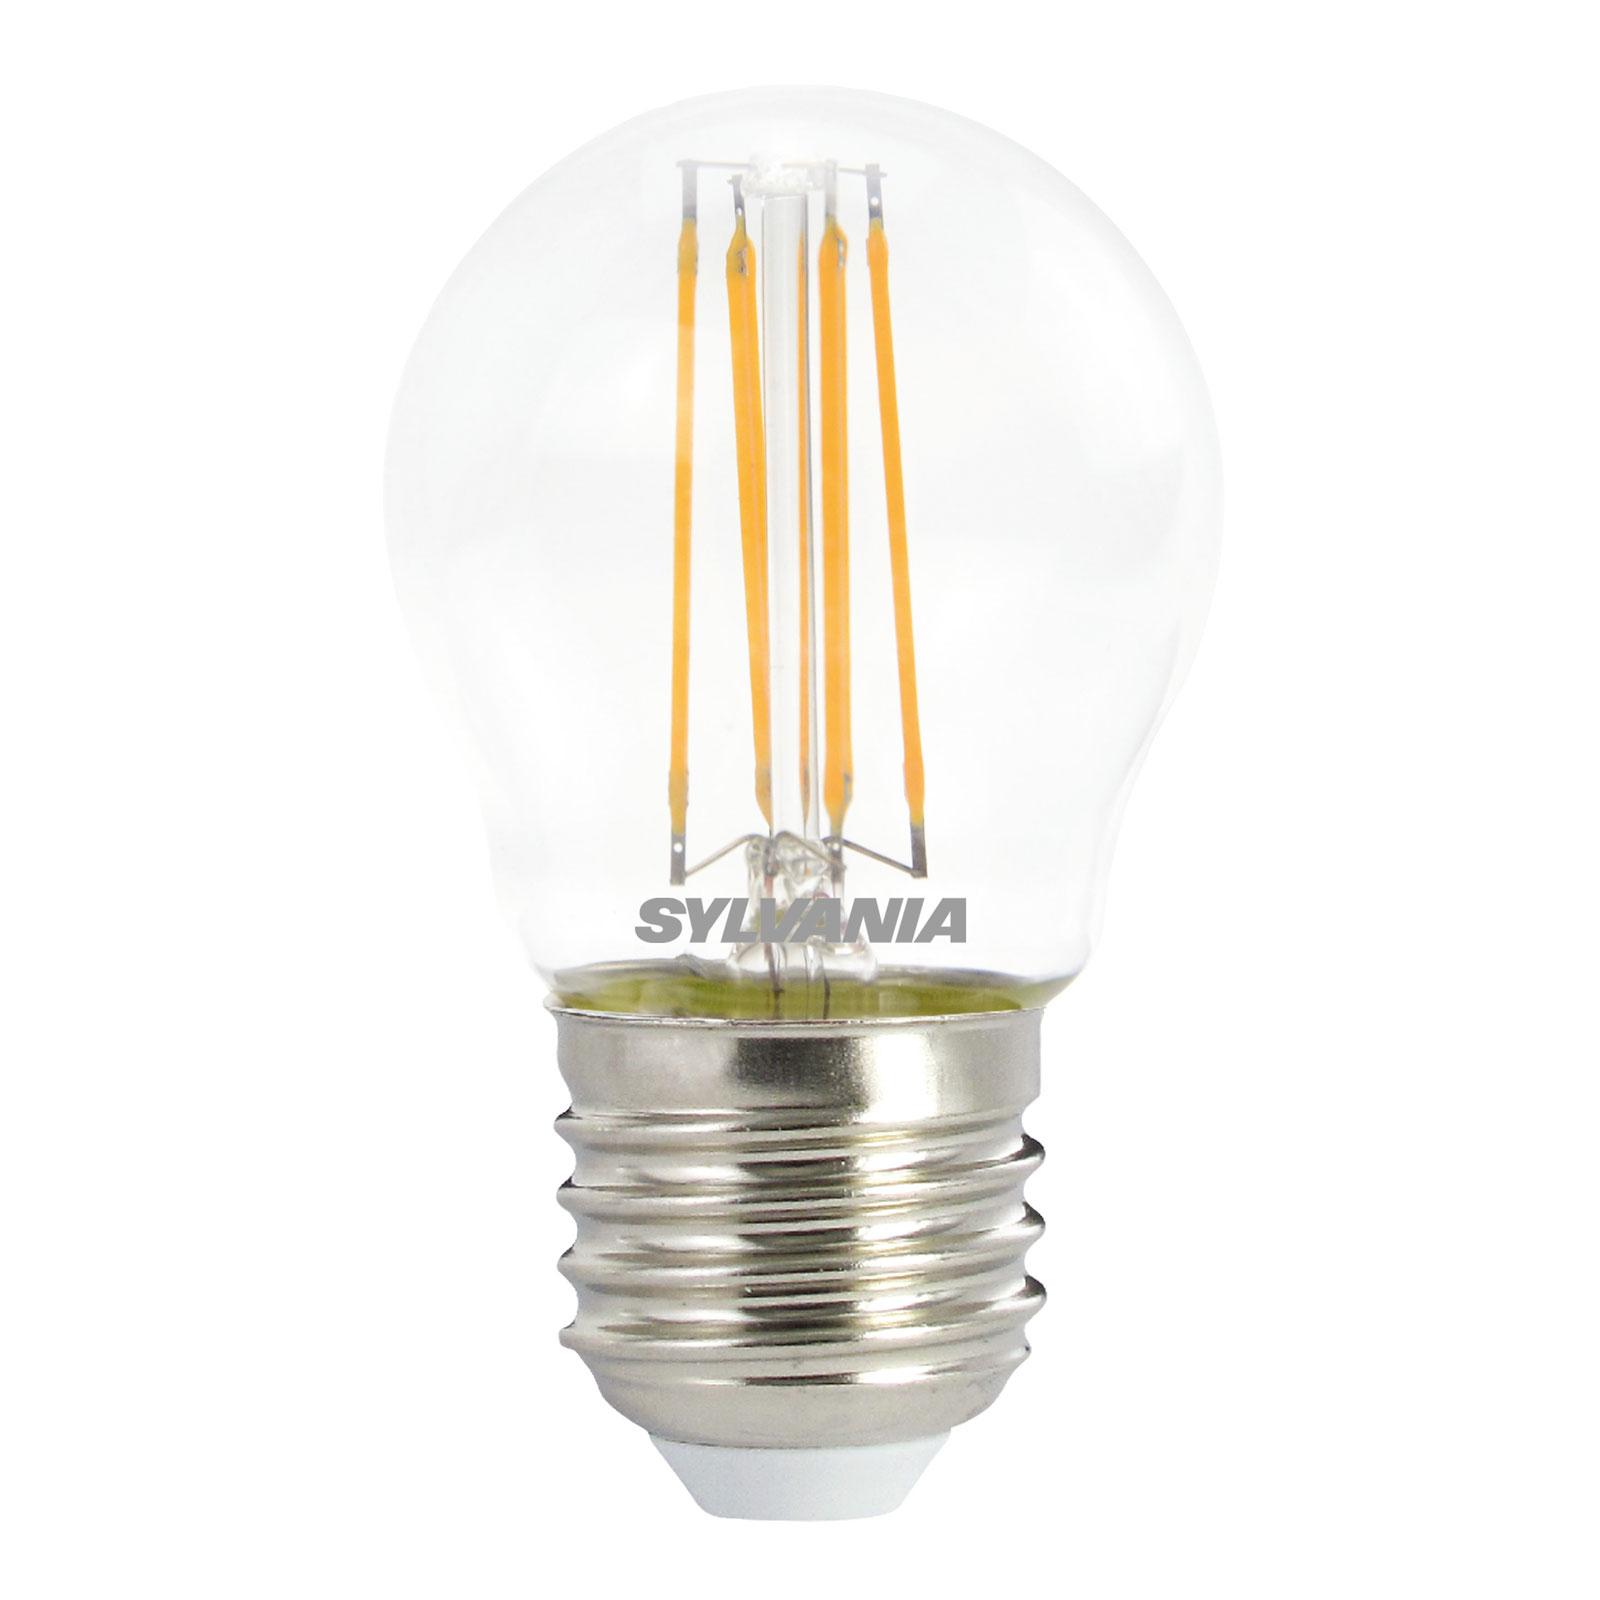 LED-pære E27 ToLEDo RT Ball 4,5 W 827 dimbar